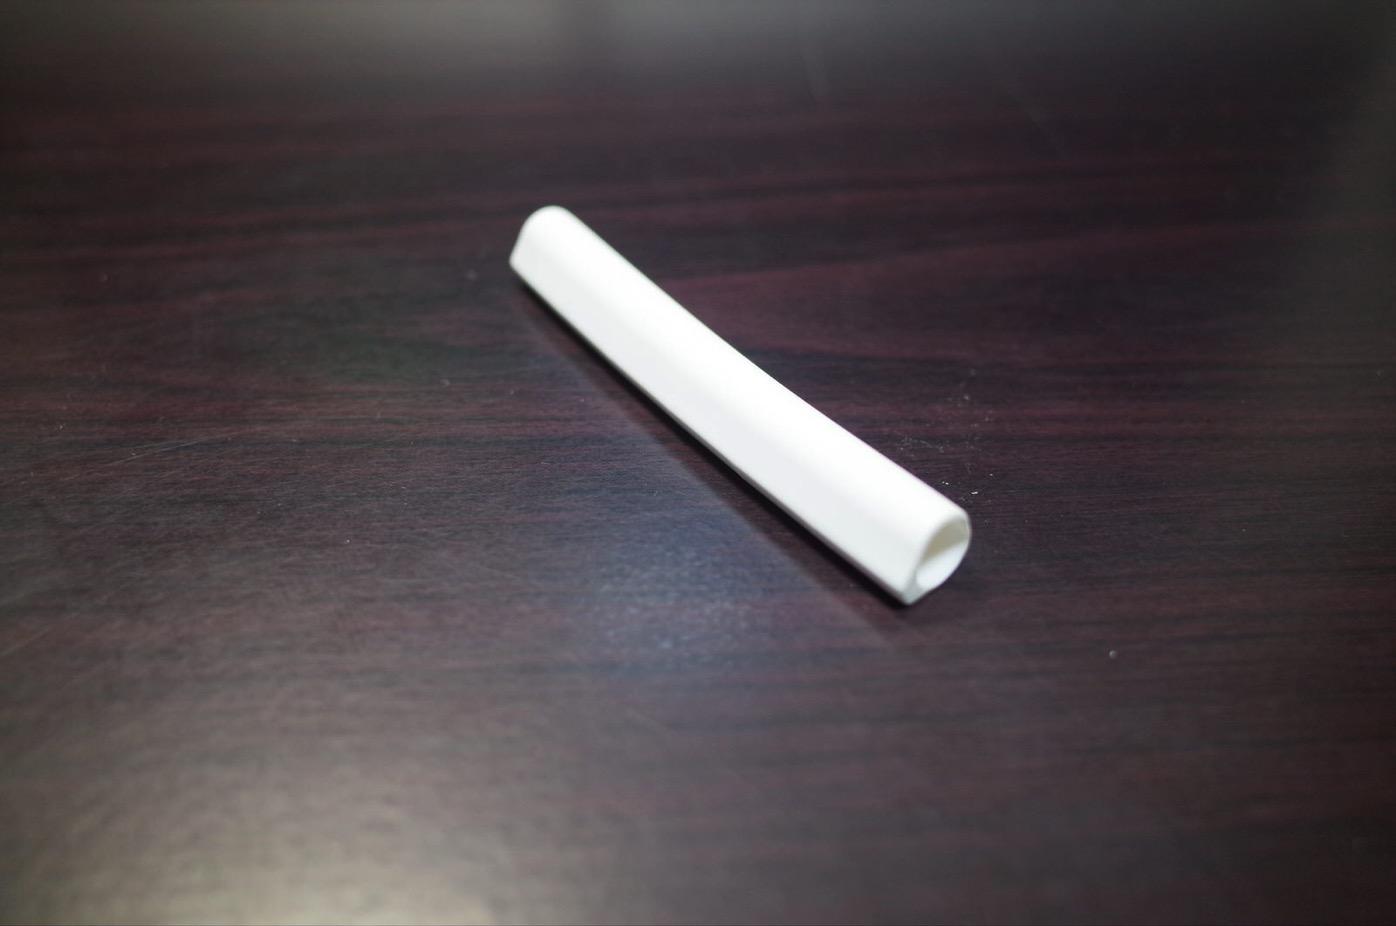 マグネット付きシリコン製 Apple Pencil用グリップ-4